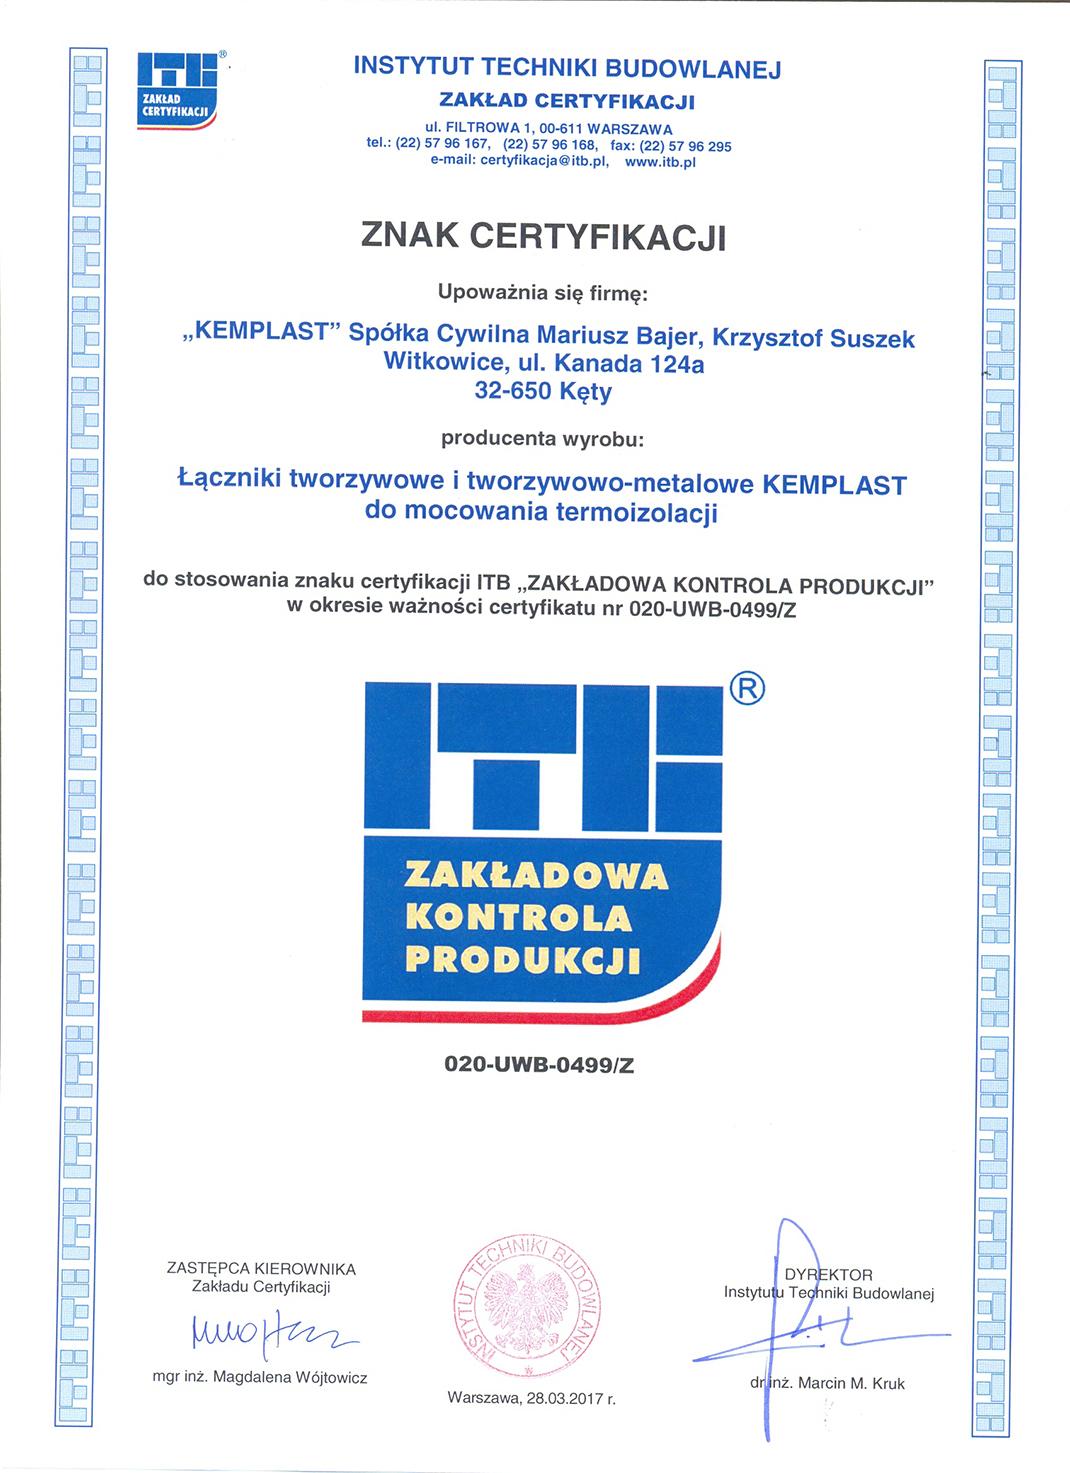 Znak certyfikacji